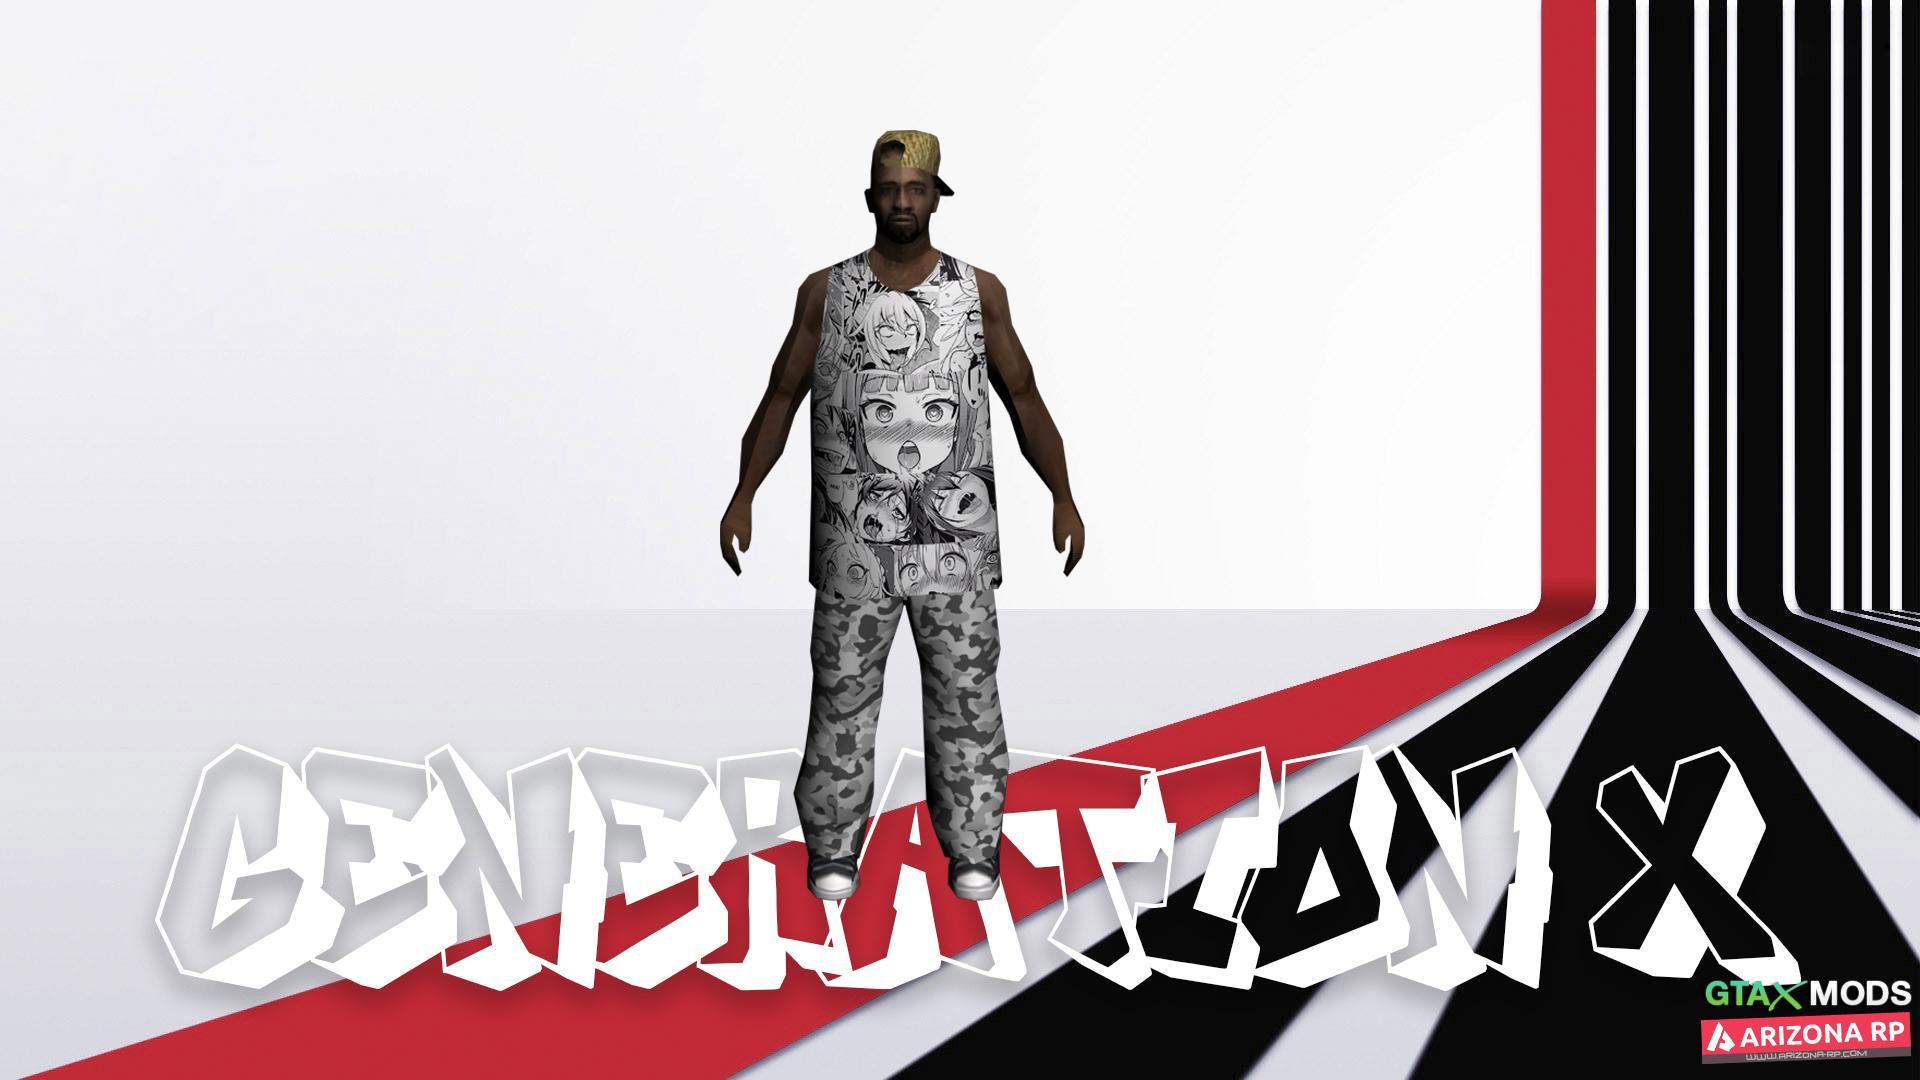 Революционный аниме-скин Aheago FAM3 | GENERATION X |